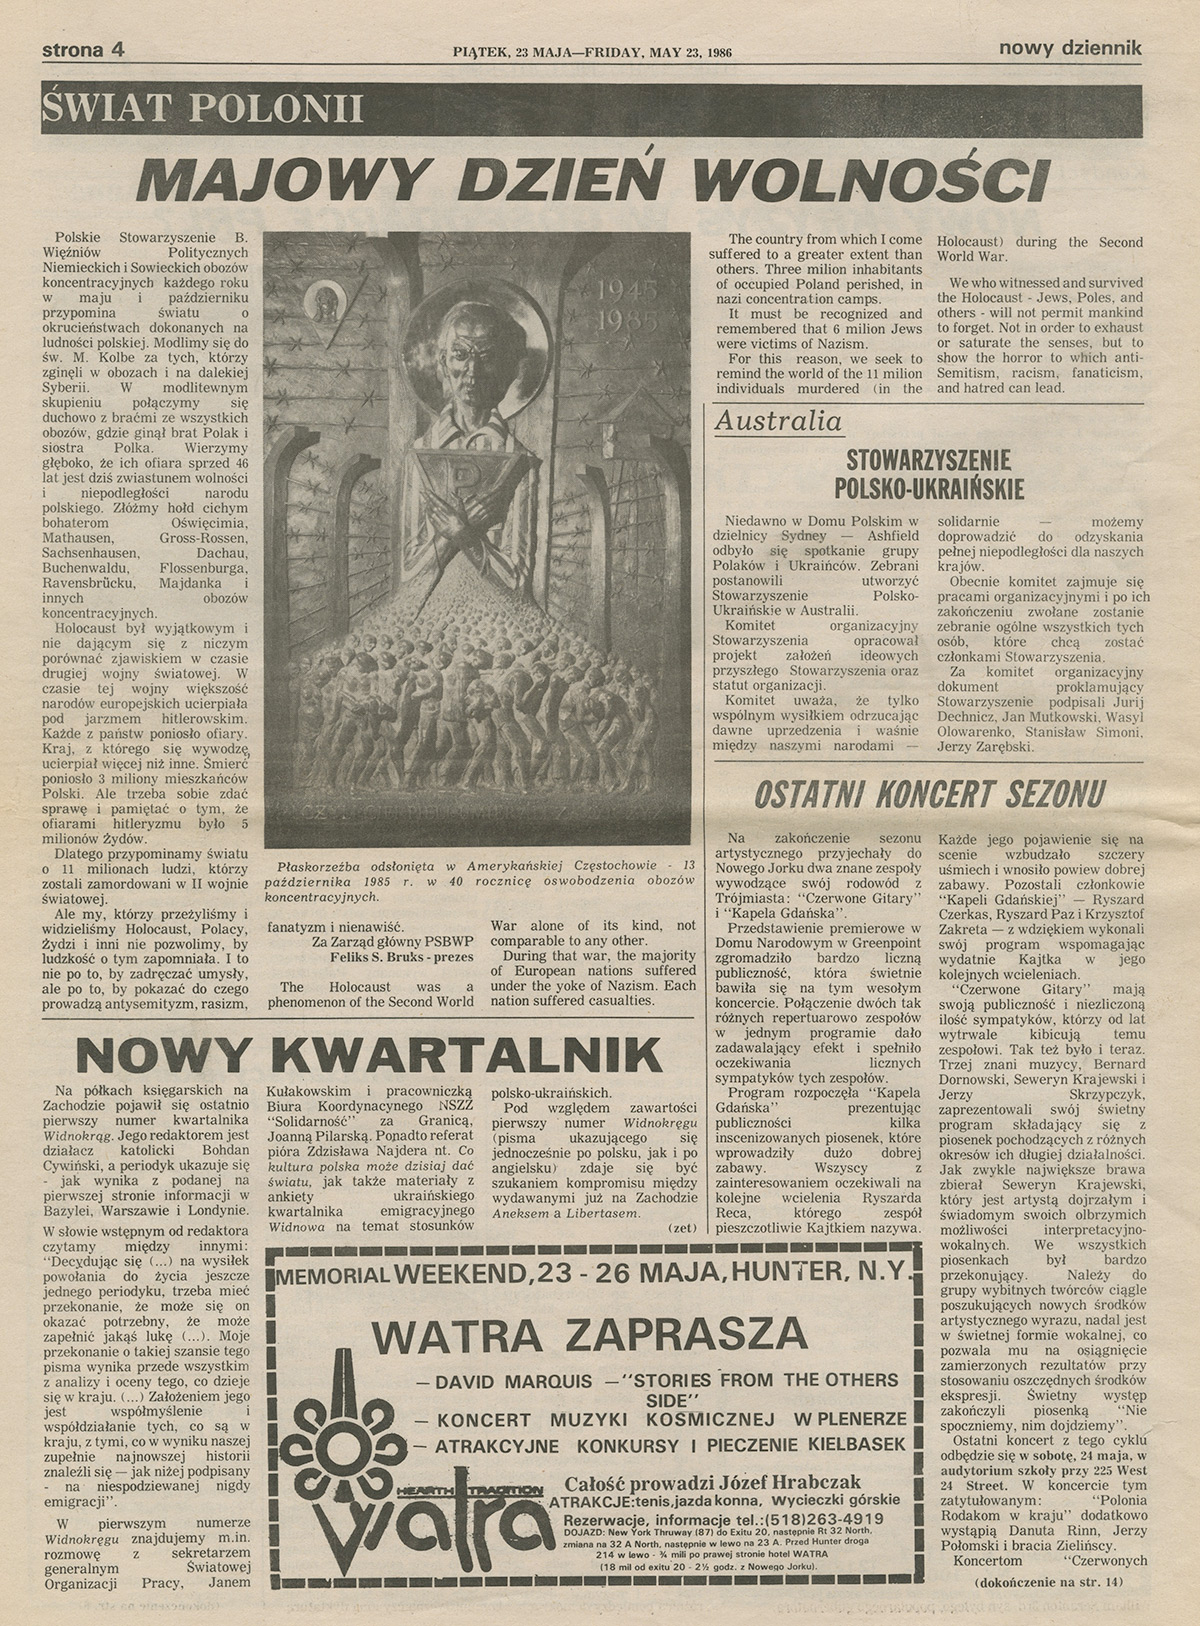 1979-1990_Nowy_Dziennik_1986_ostatni_koncert_sezonu